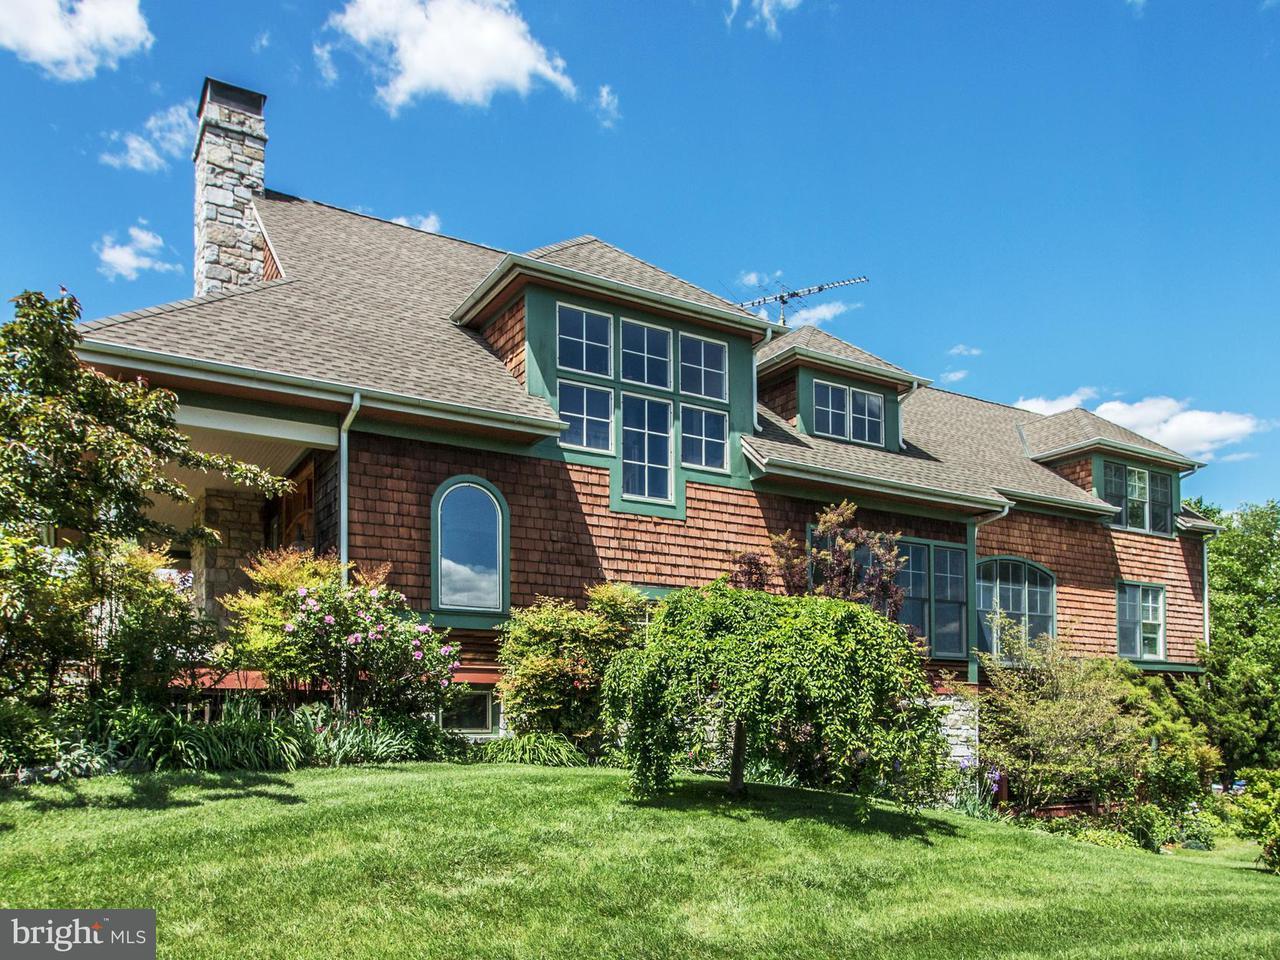 단독 가정 주택 용 매매 에 10825 Mcfarland Road 10825 Mcfarland Road Mercersburg, 펜실바니아 17236 미국